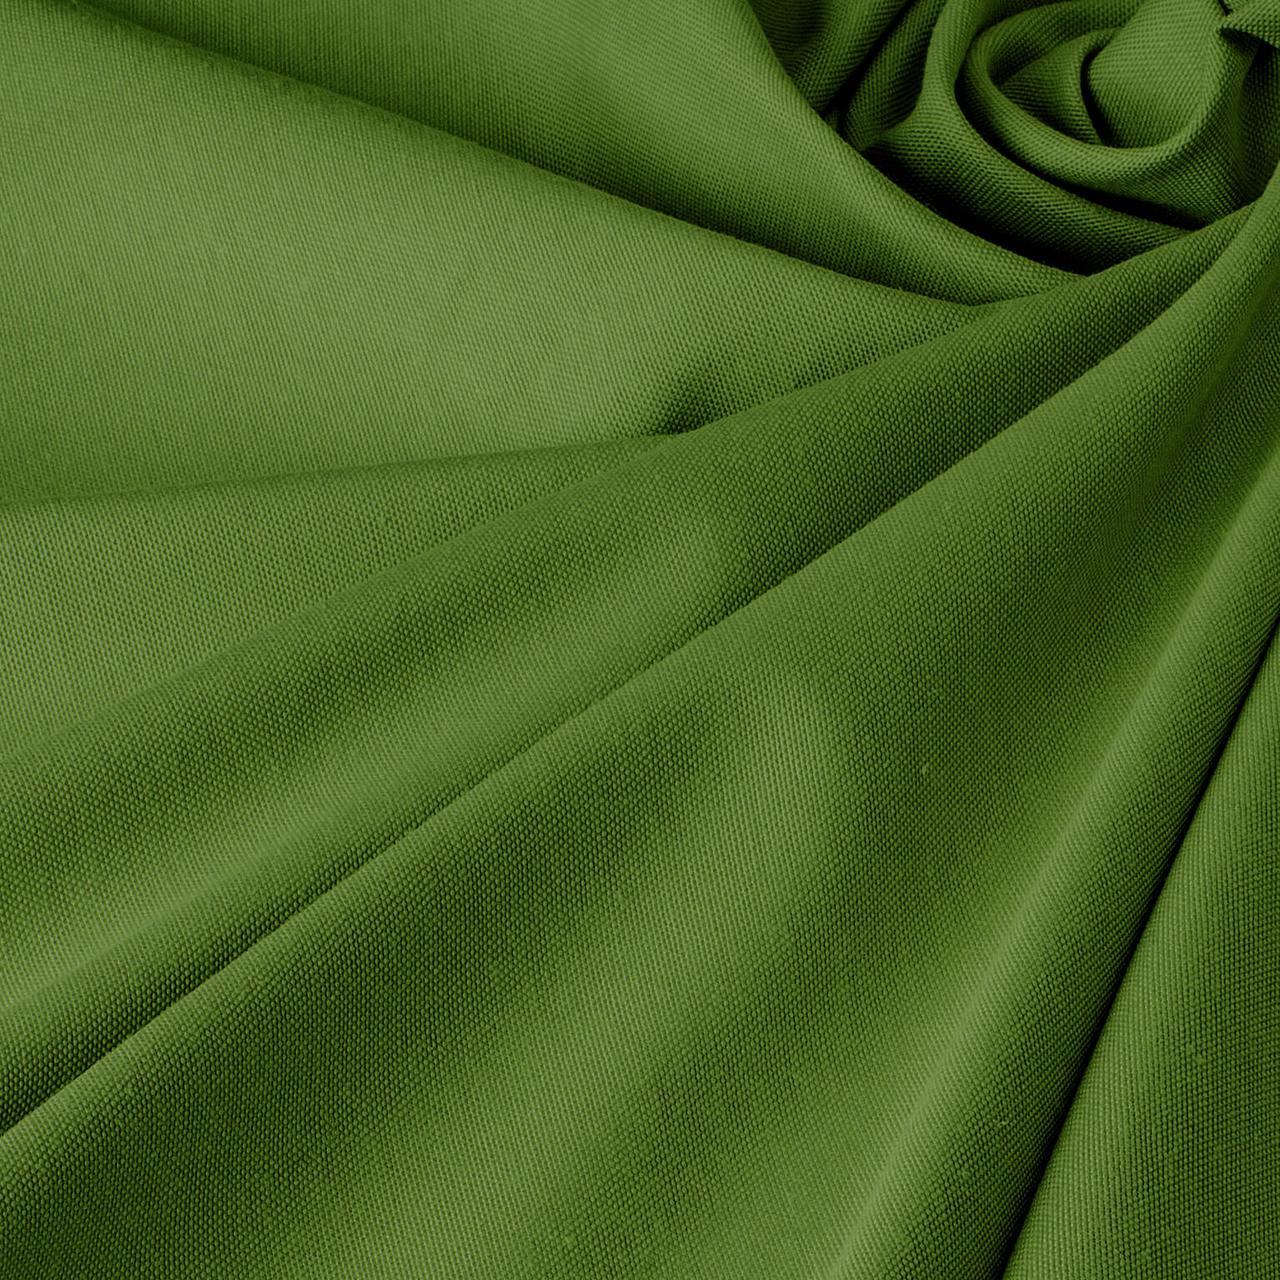 Ткань для штор и скатертей Teflon DRY v 103